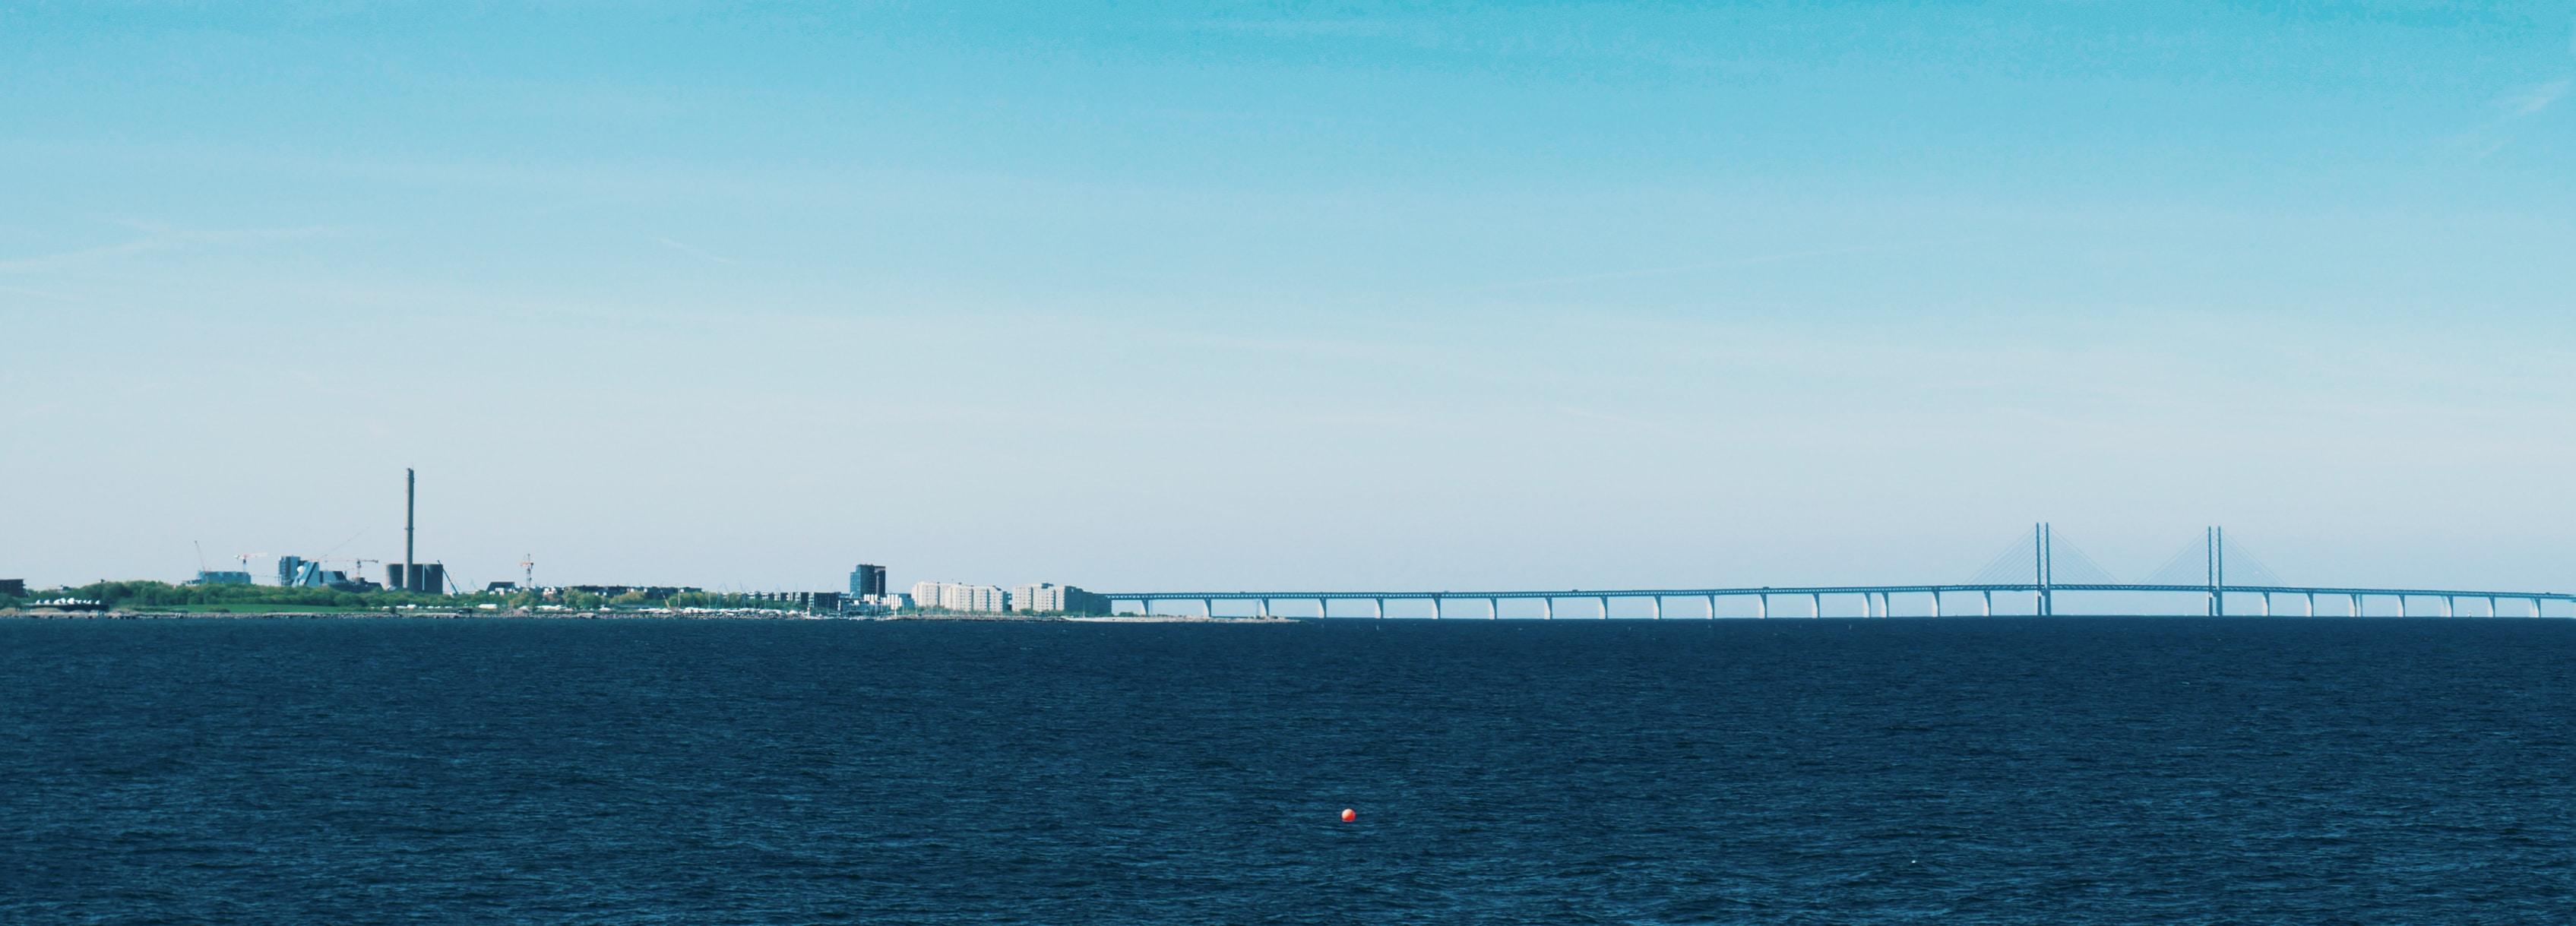 Malmö - Øresundsbron